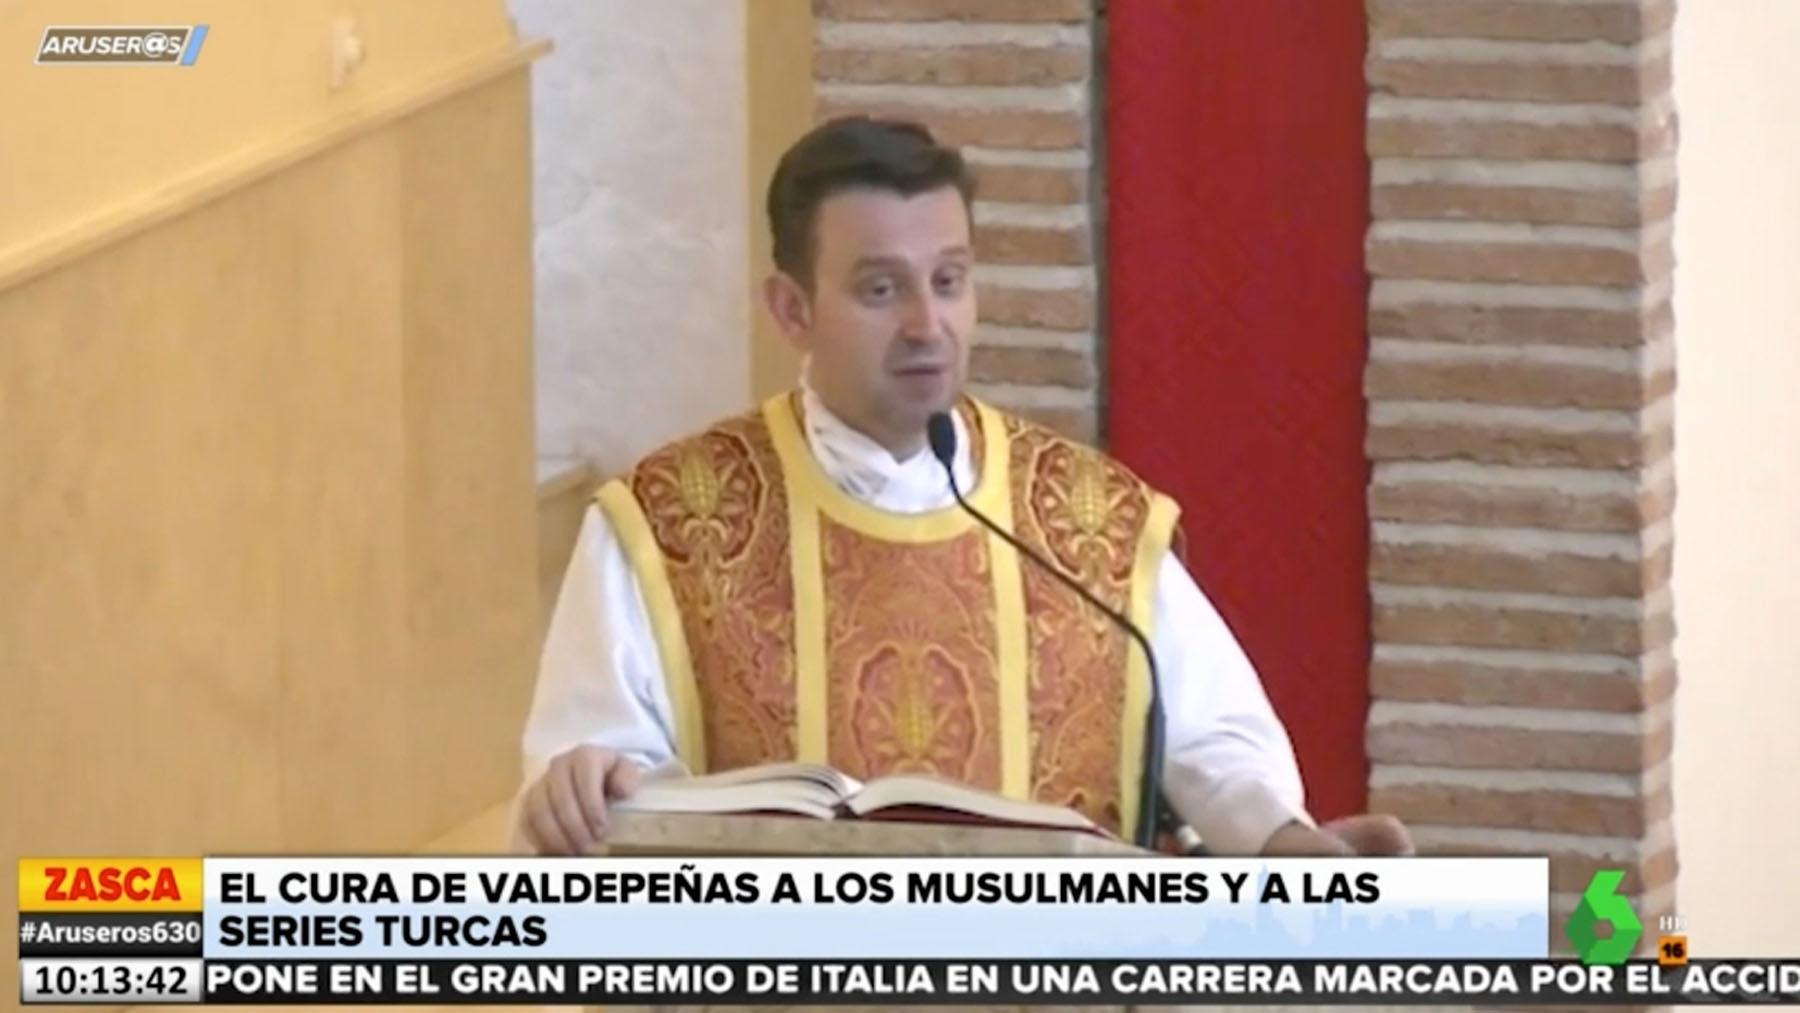 El polémico cura de Valdepeñas.